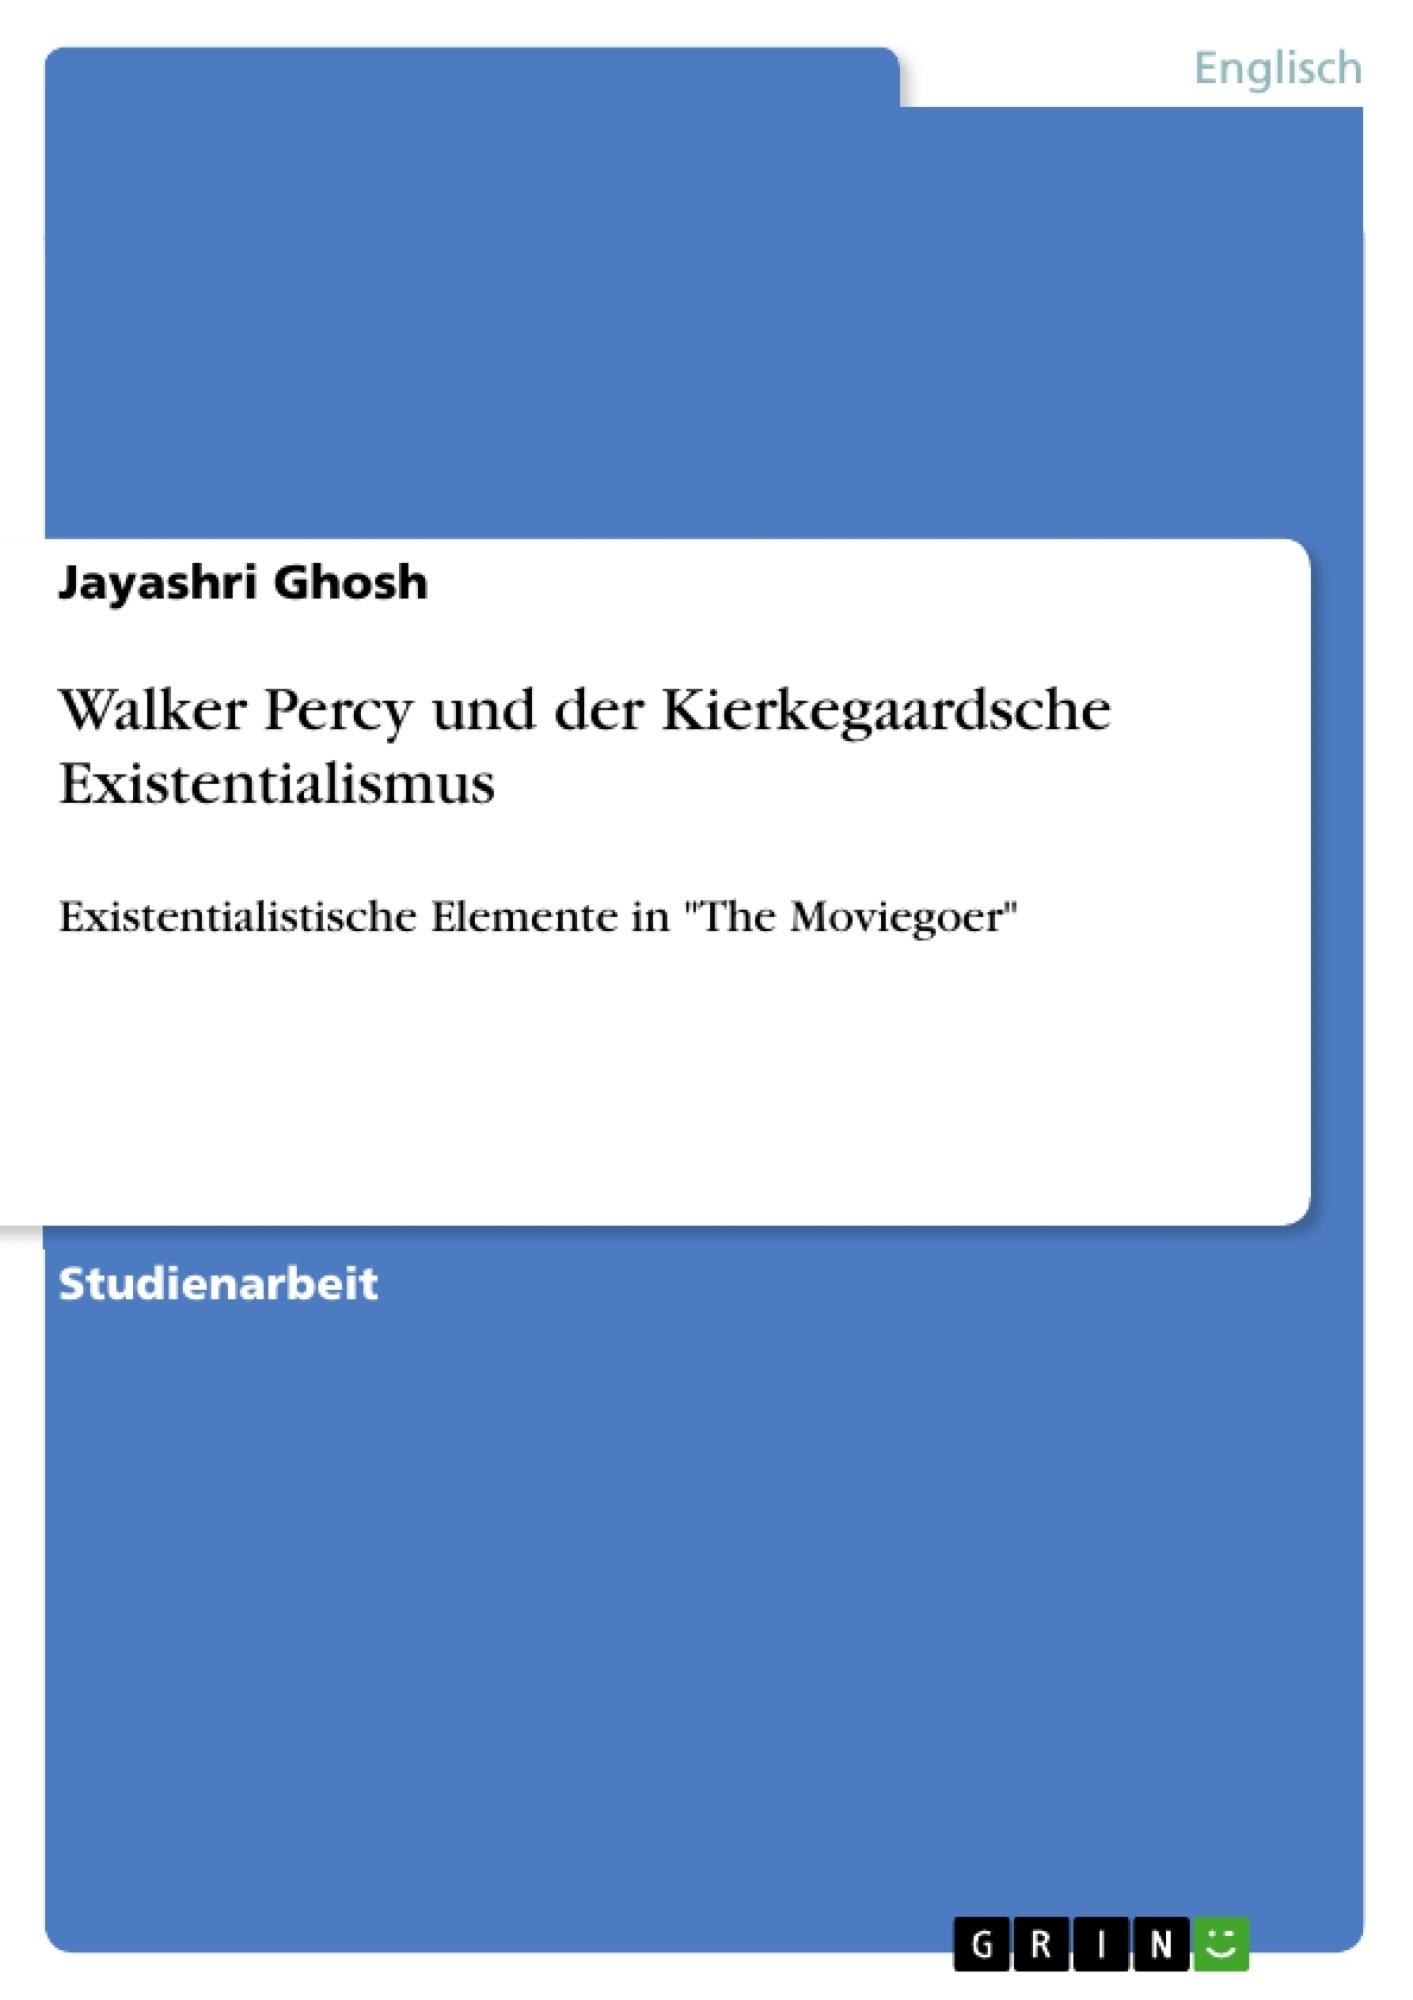 Titel: Walker Percy und der Kierkegaardsche Existentialismus